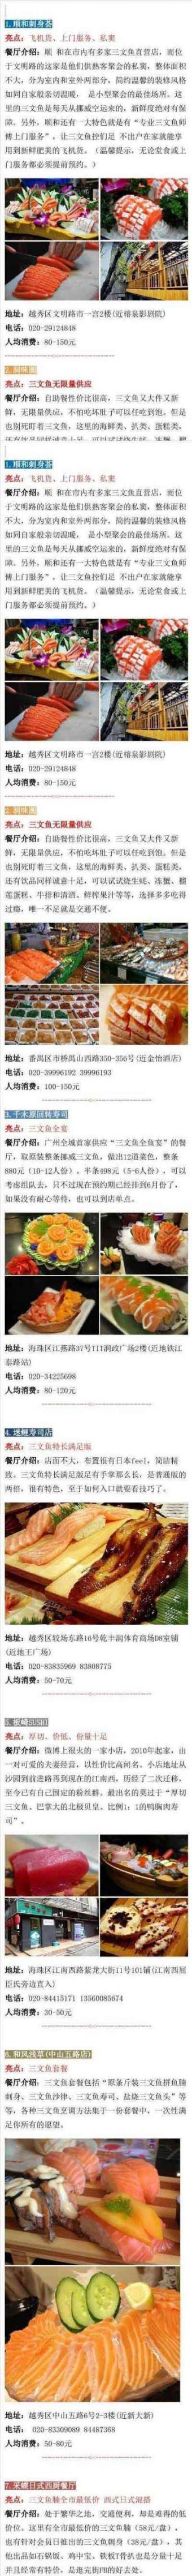 广州新鲜美味三文鱼去哪里吃?13家美味店铺推荐